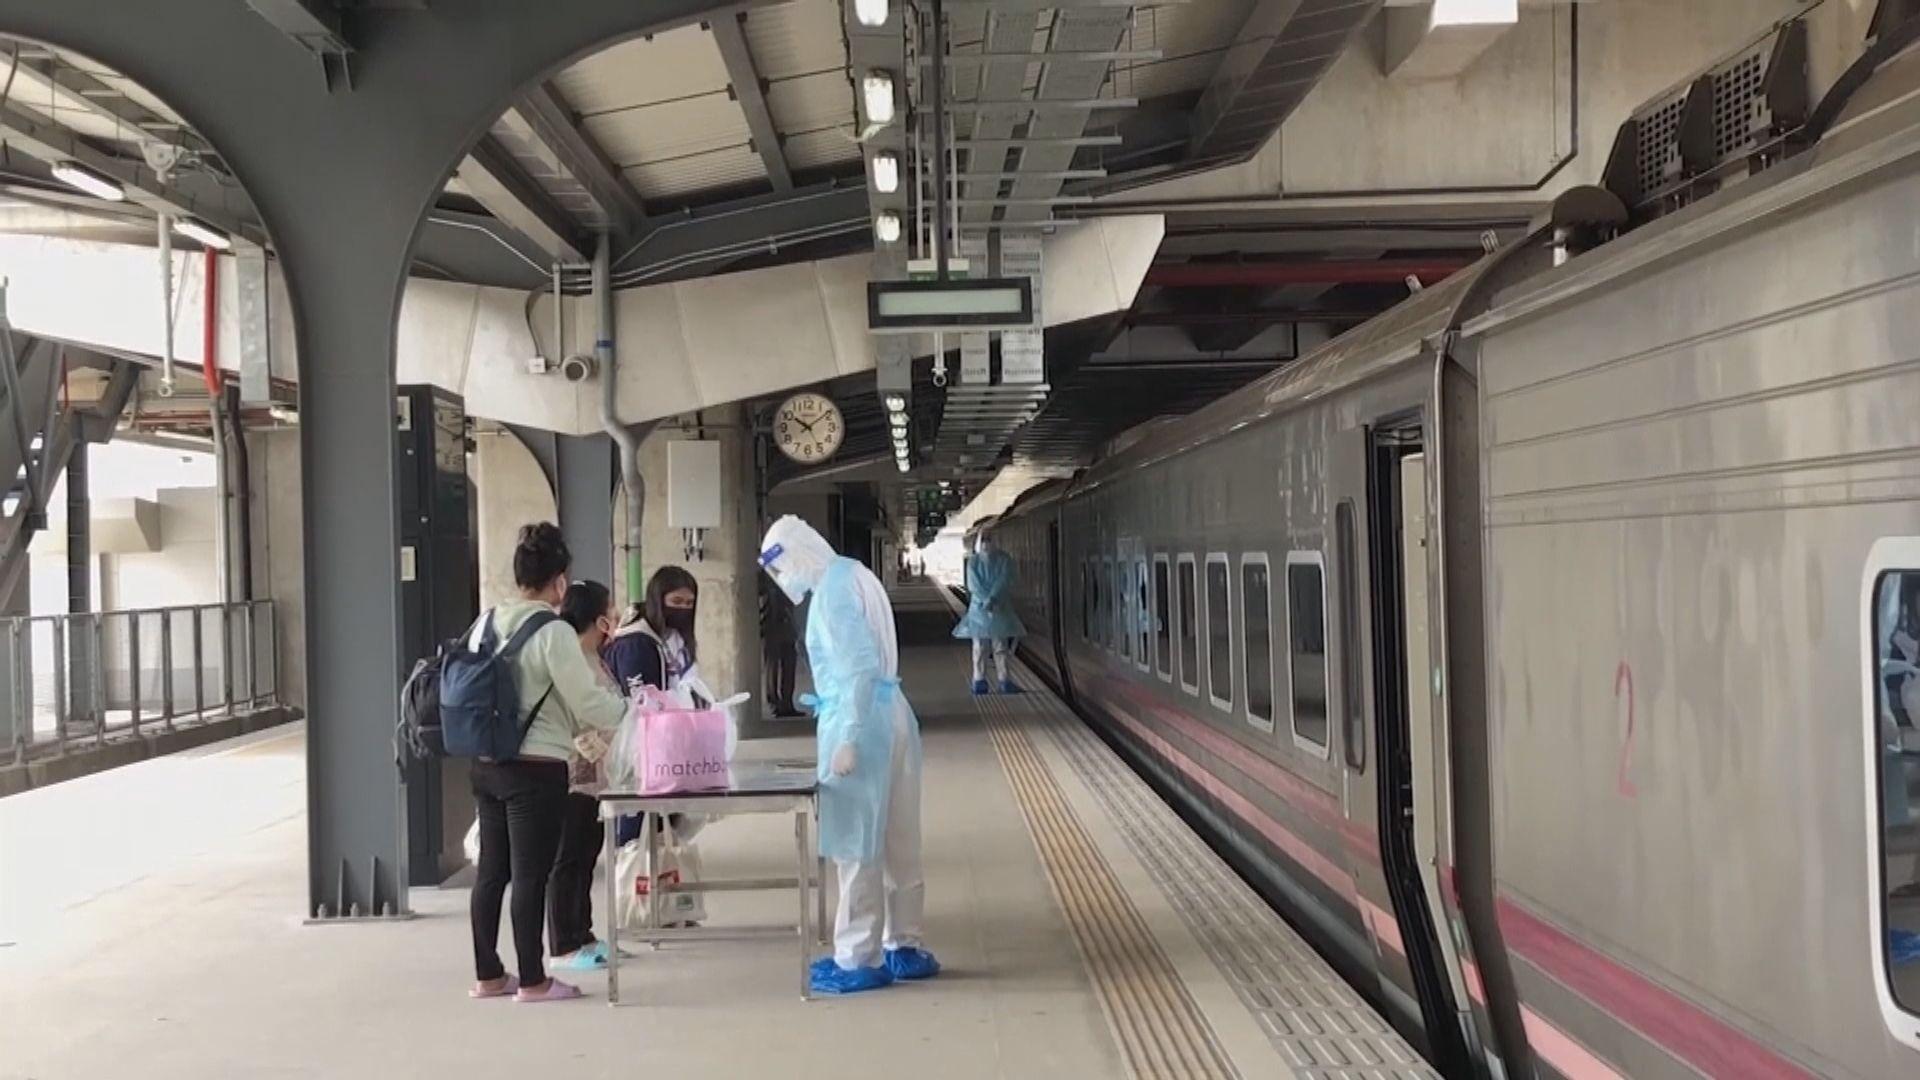 泰國持續錄得過萬宗確診 政府安排火車接載輕症患者回鄉治療